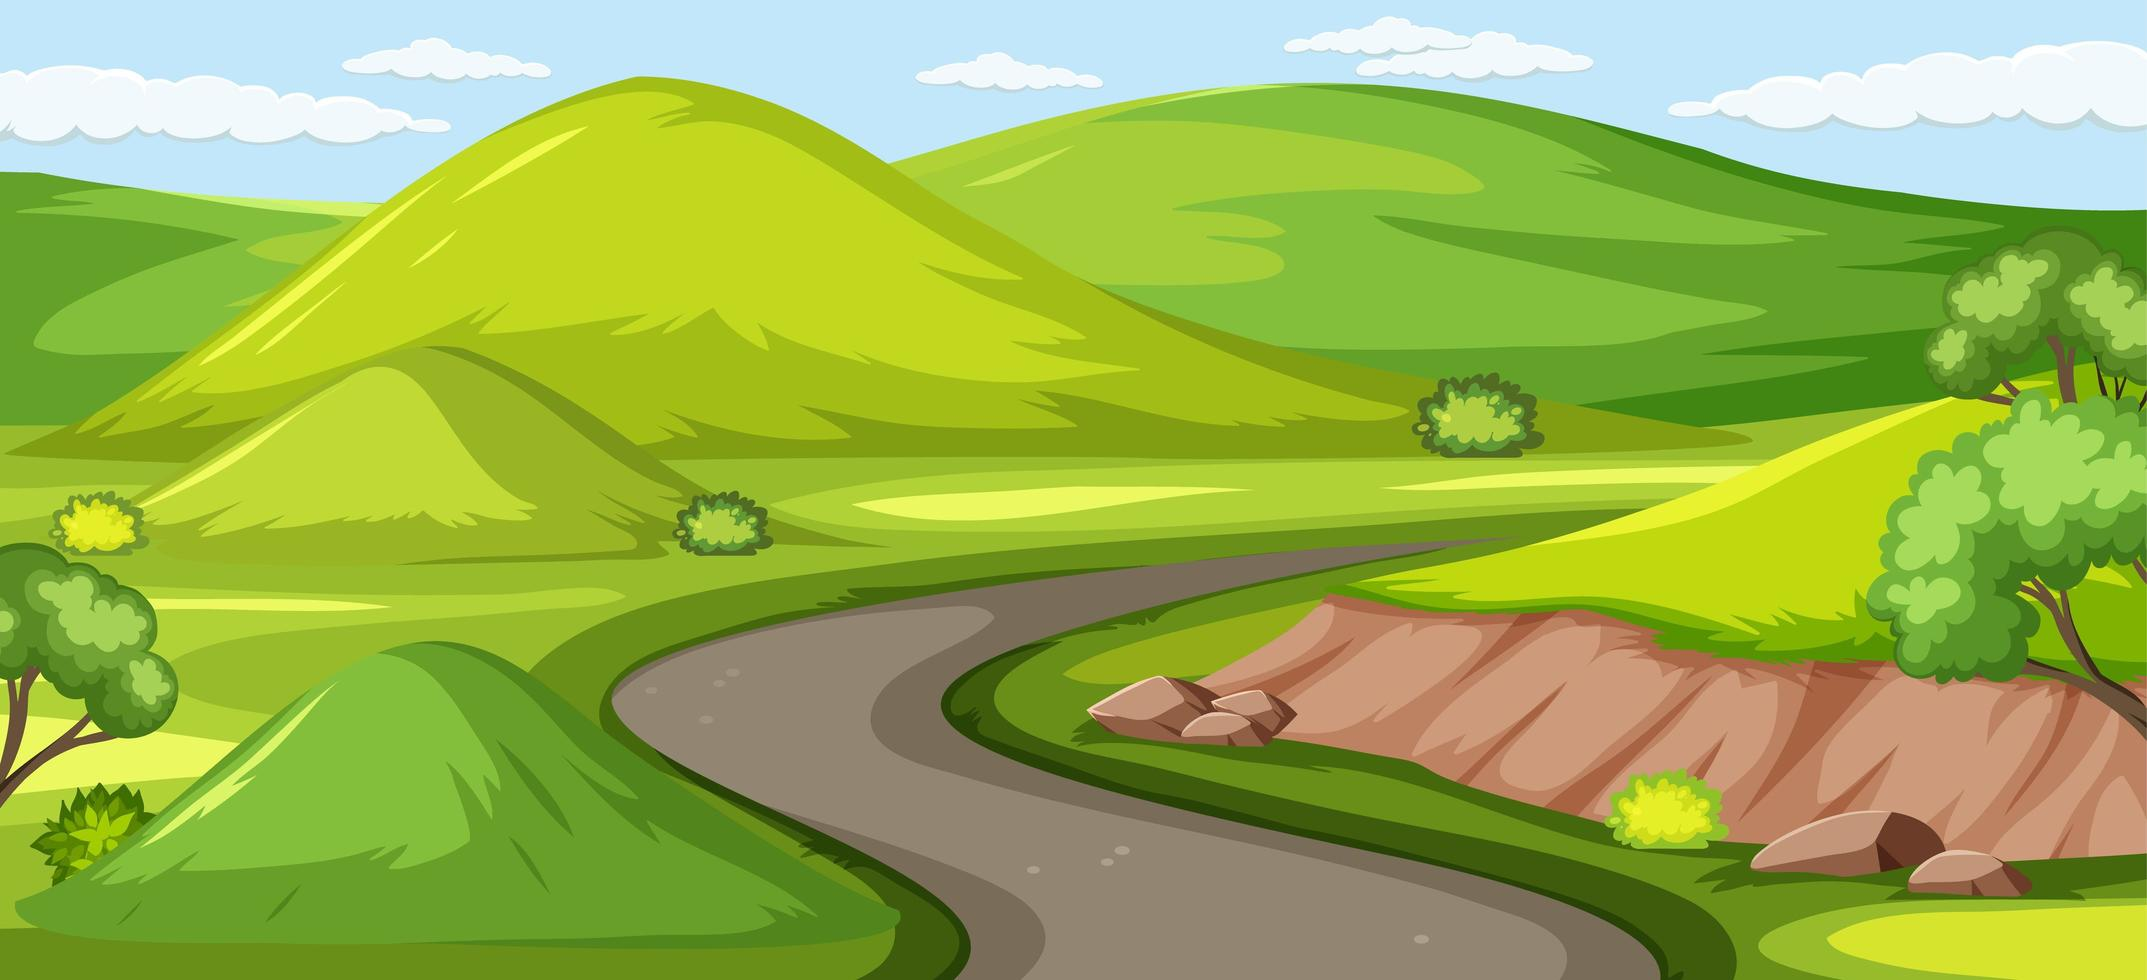 fond de nature verte extérieure vecteur